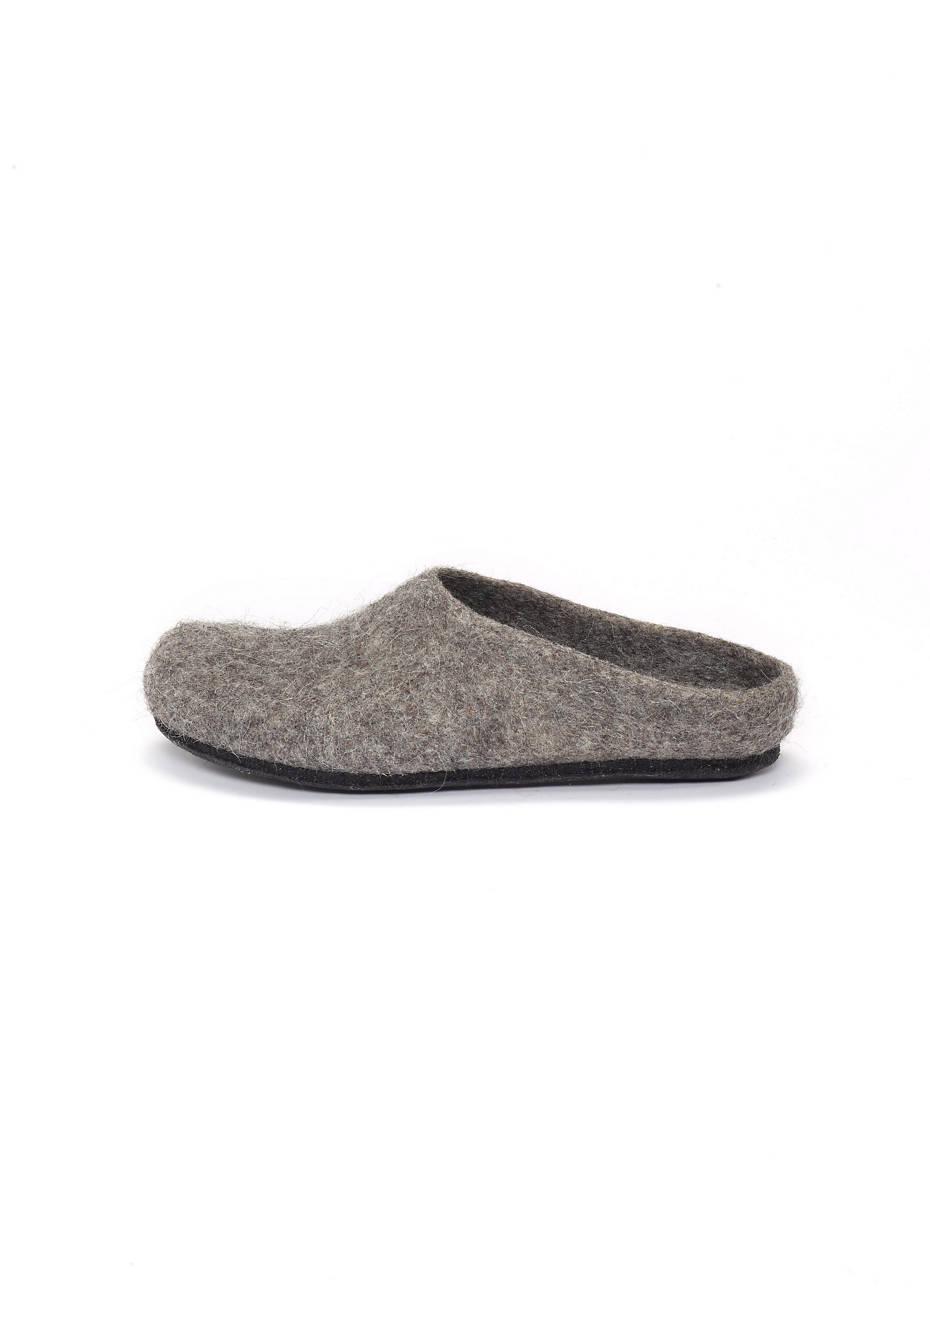 Tyrolean stone sheep slipper